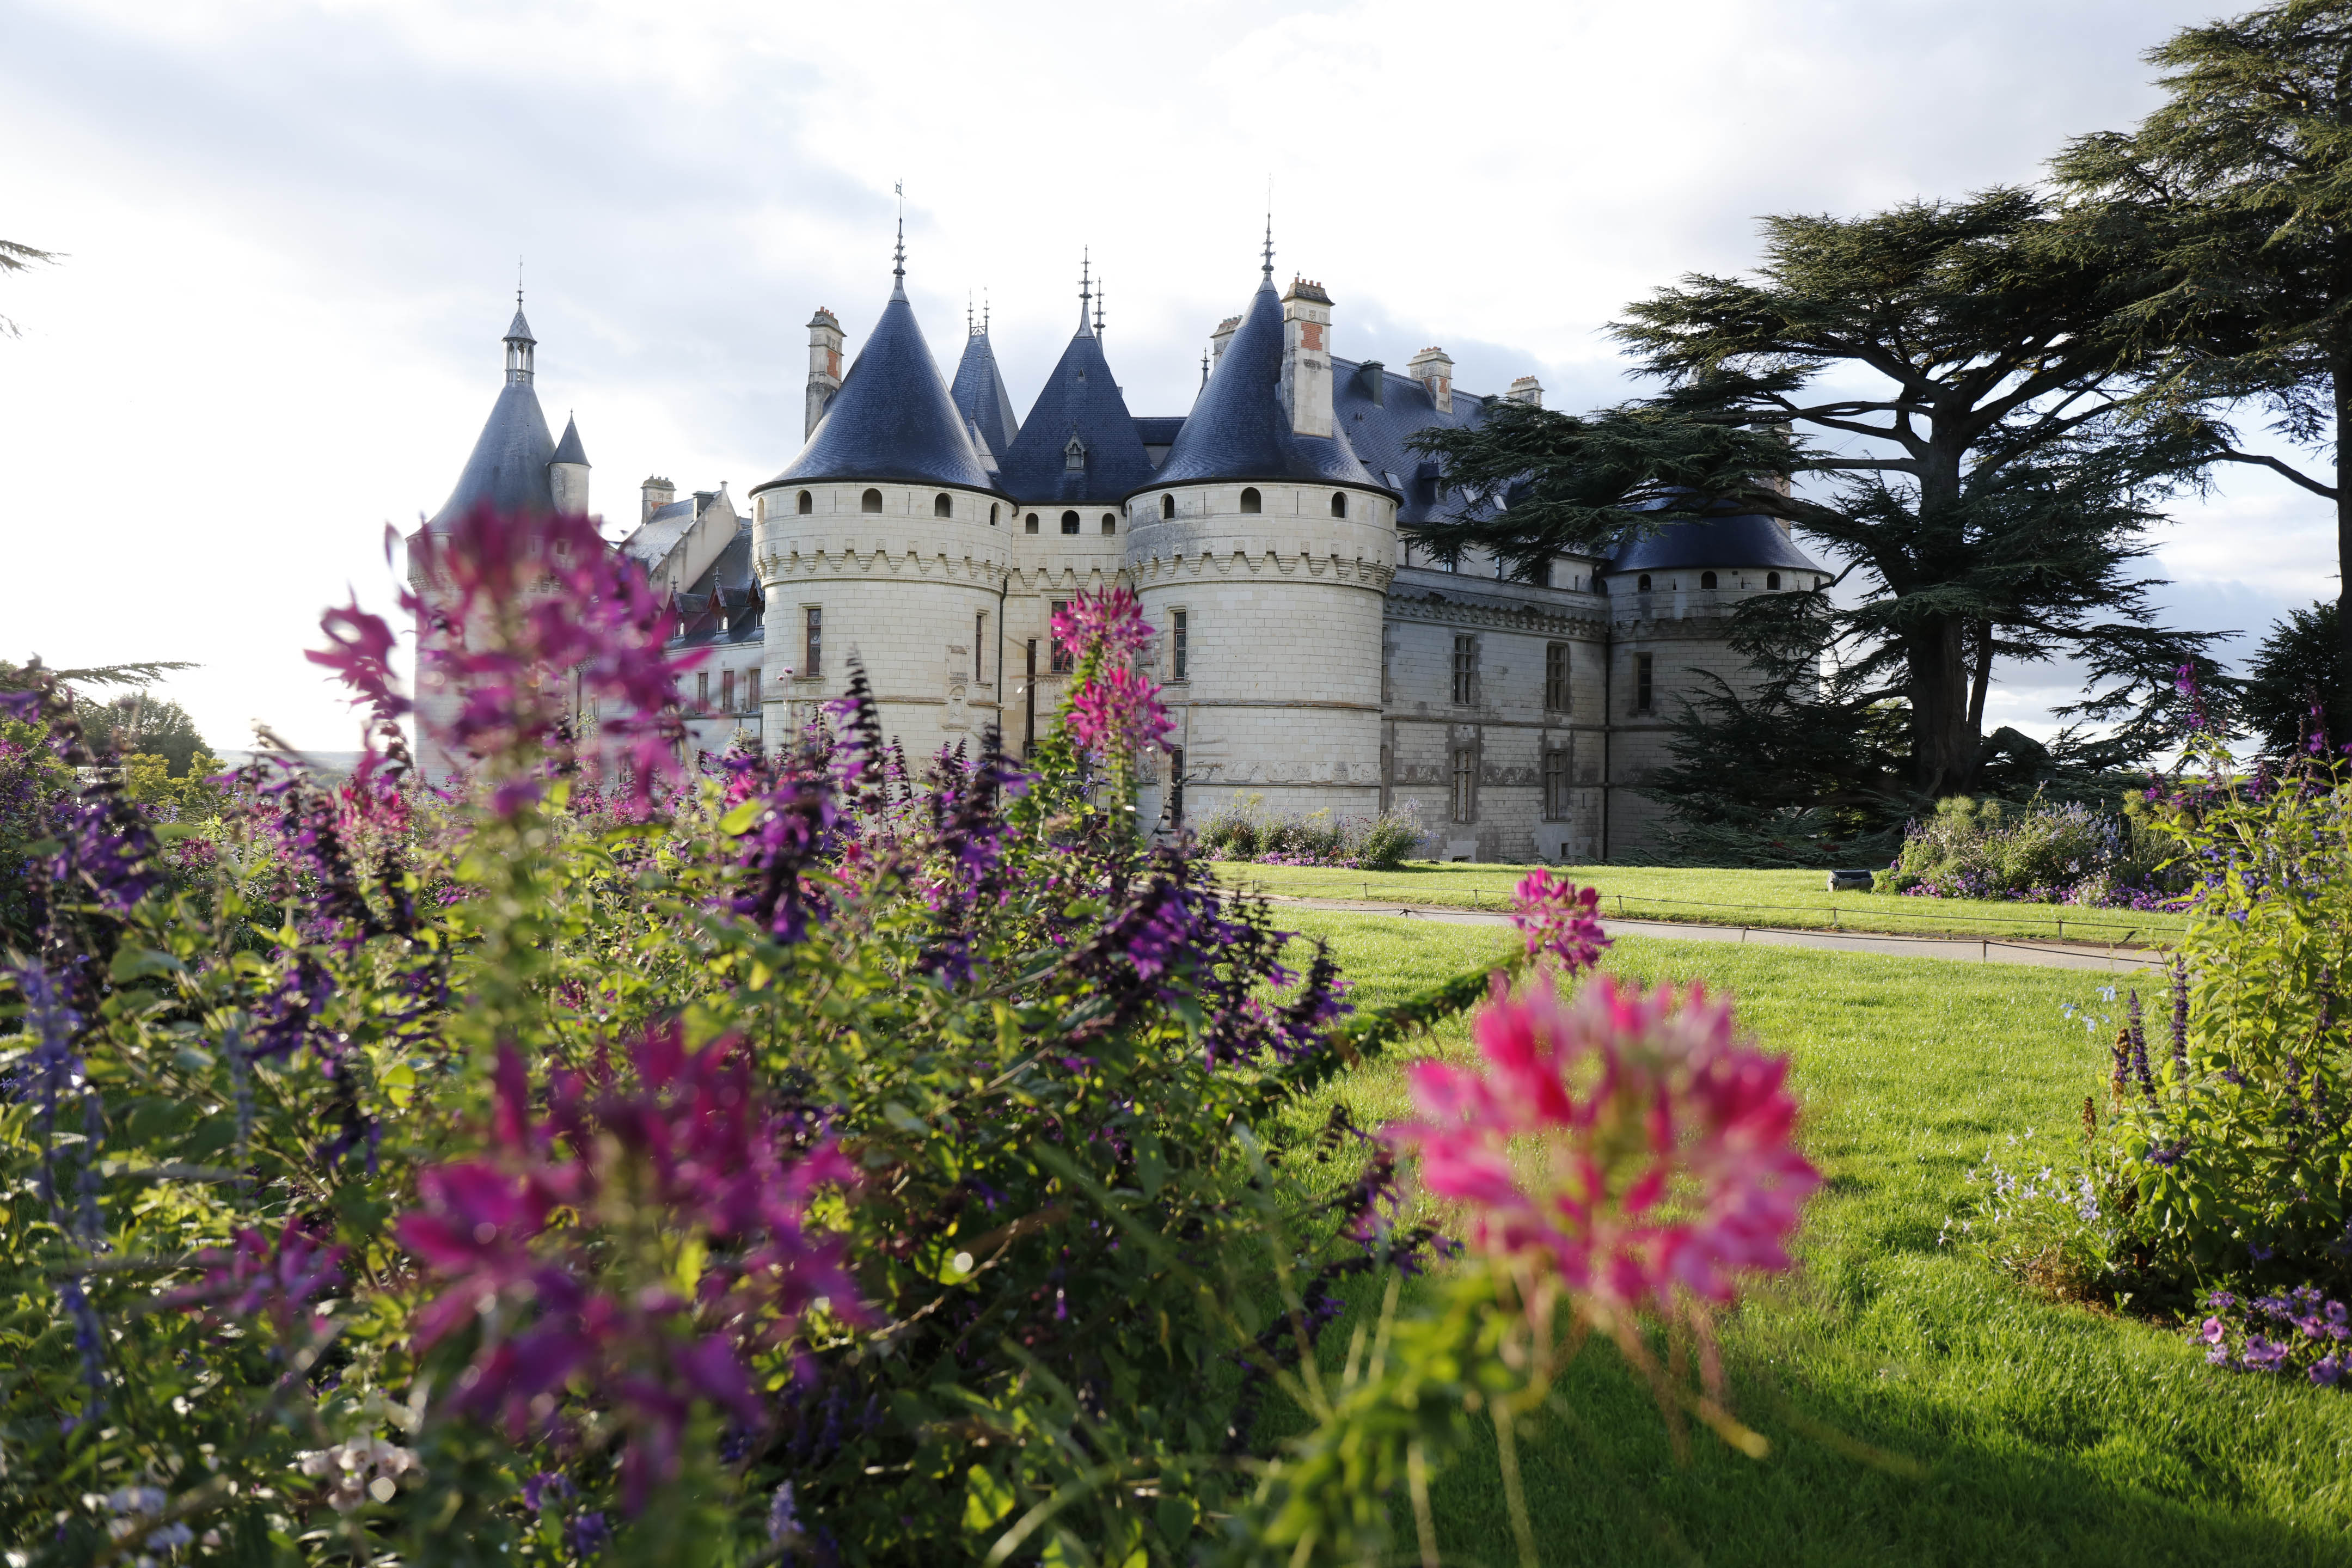 프랑스관광청이 주목한 여행법, 루아르 고성 투어